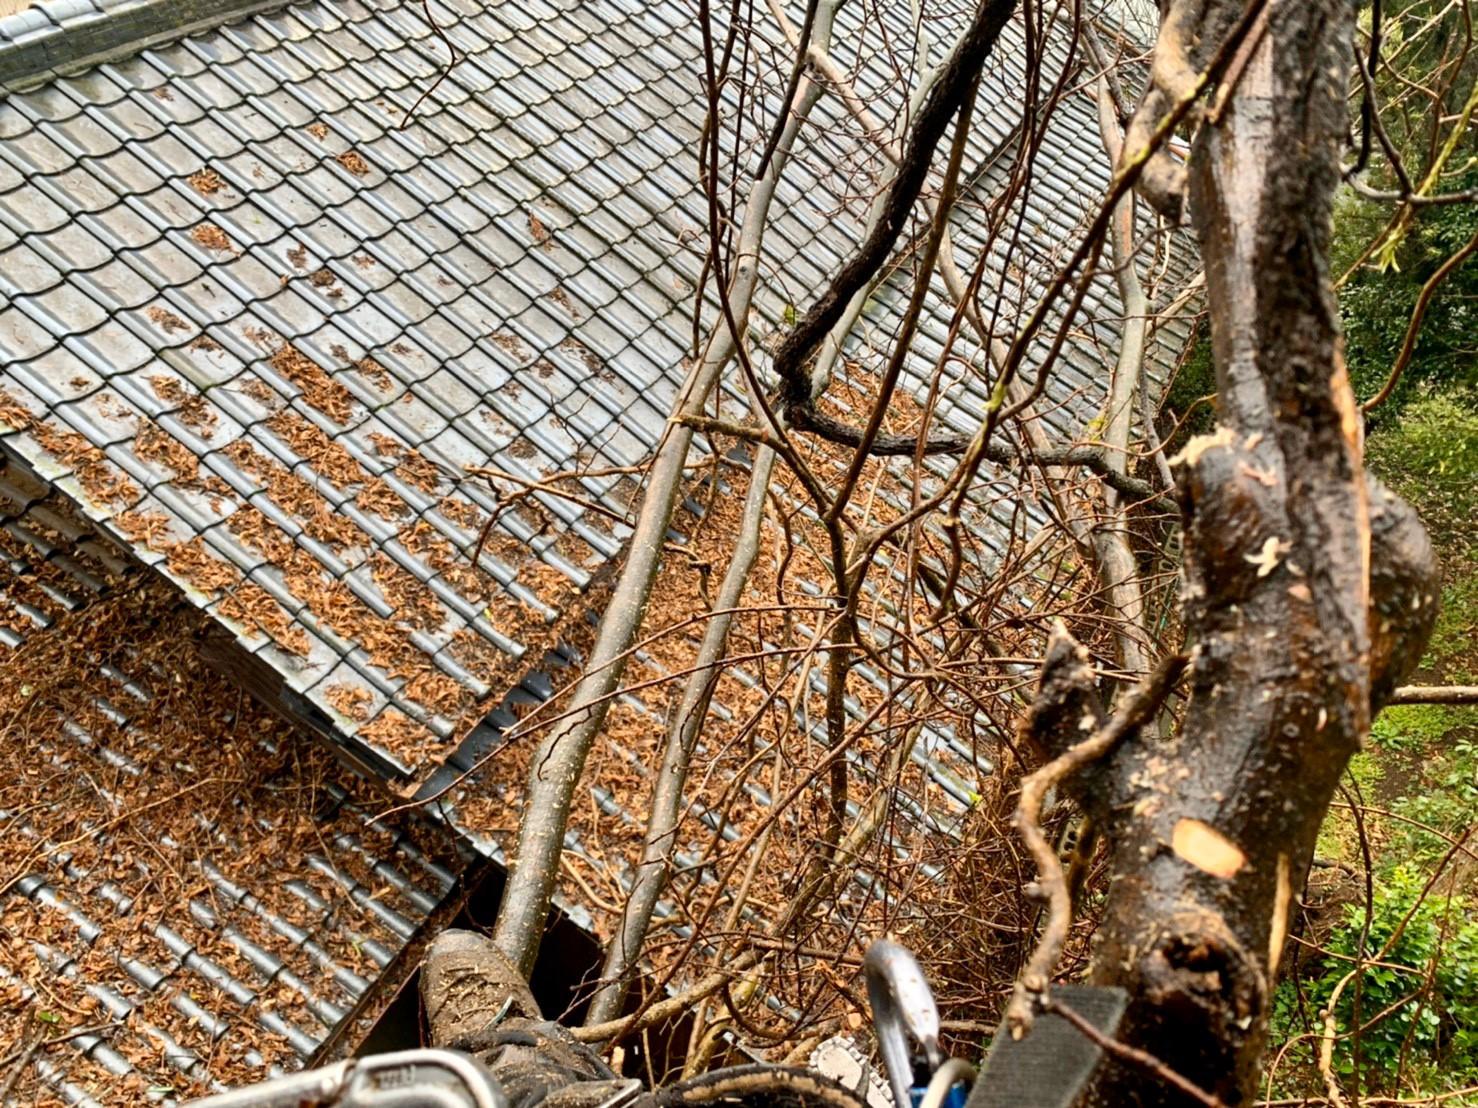 樹上からの作業風景。屋根に被さるように枝を伸ばしている事がよくお分かりいただけるかと思います